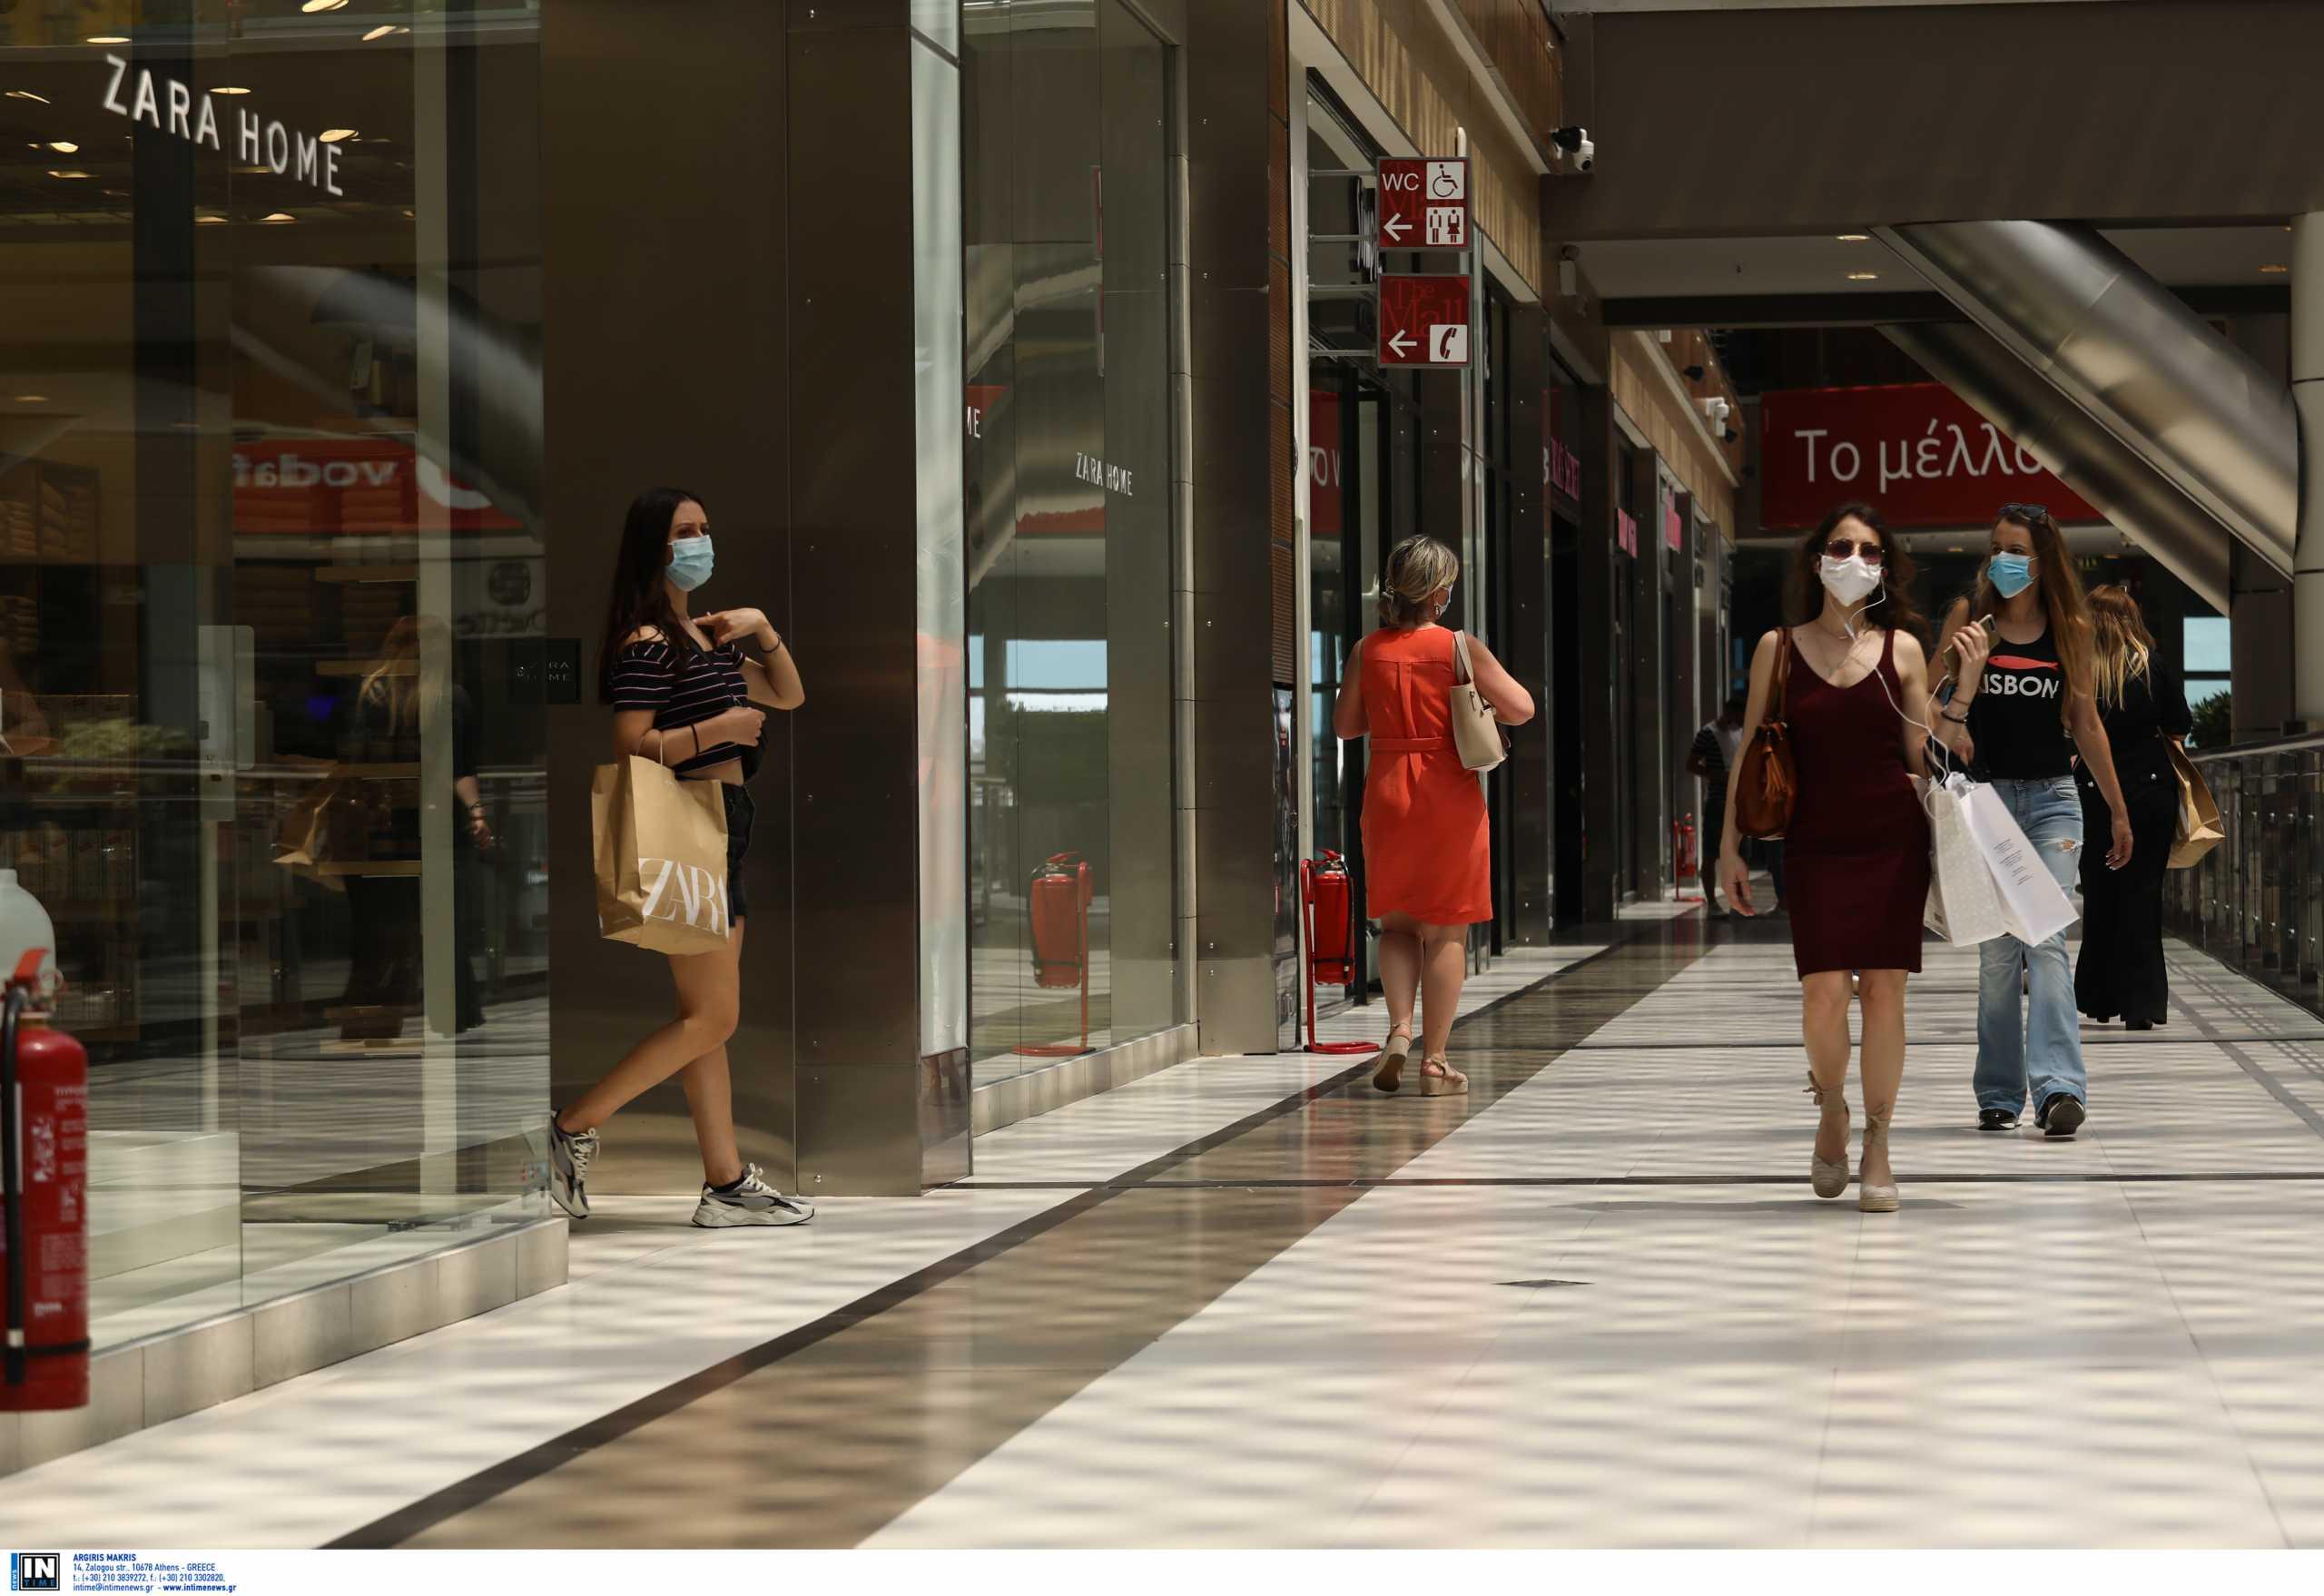 Υπουργείο Ανάπτυξης: Ανοίγουν από αύριο mall και εκπτωτικά χωριά